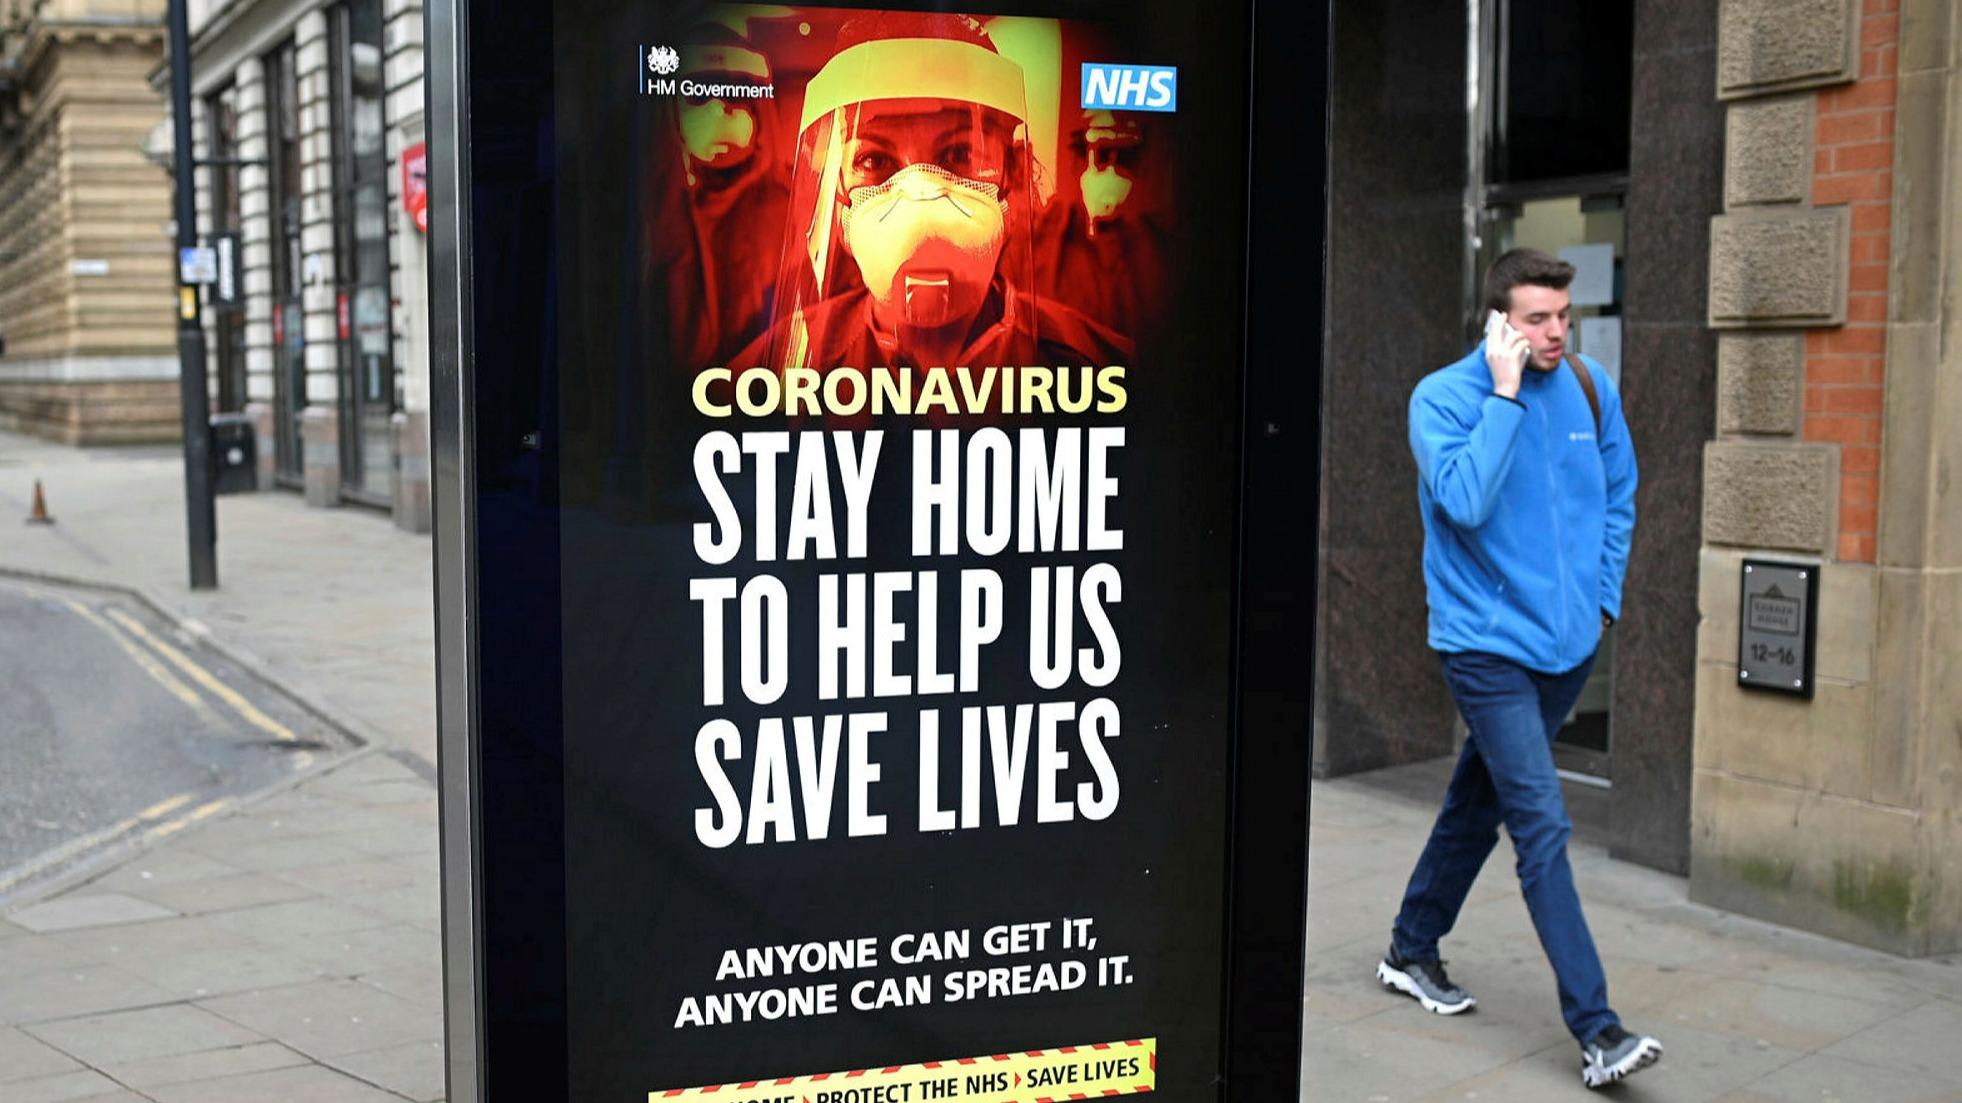 coronavirus anuncio em londres pra ficar em casa durante o lockdown